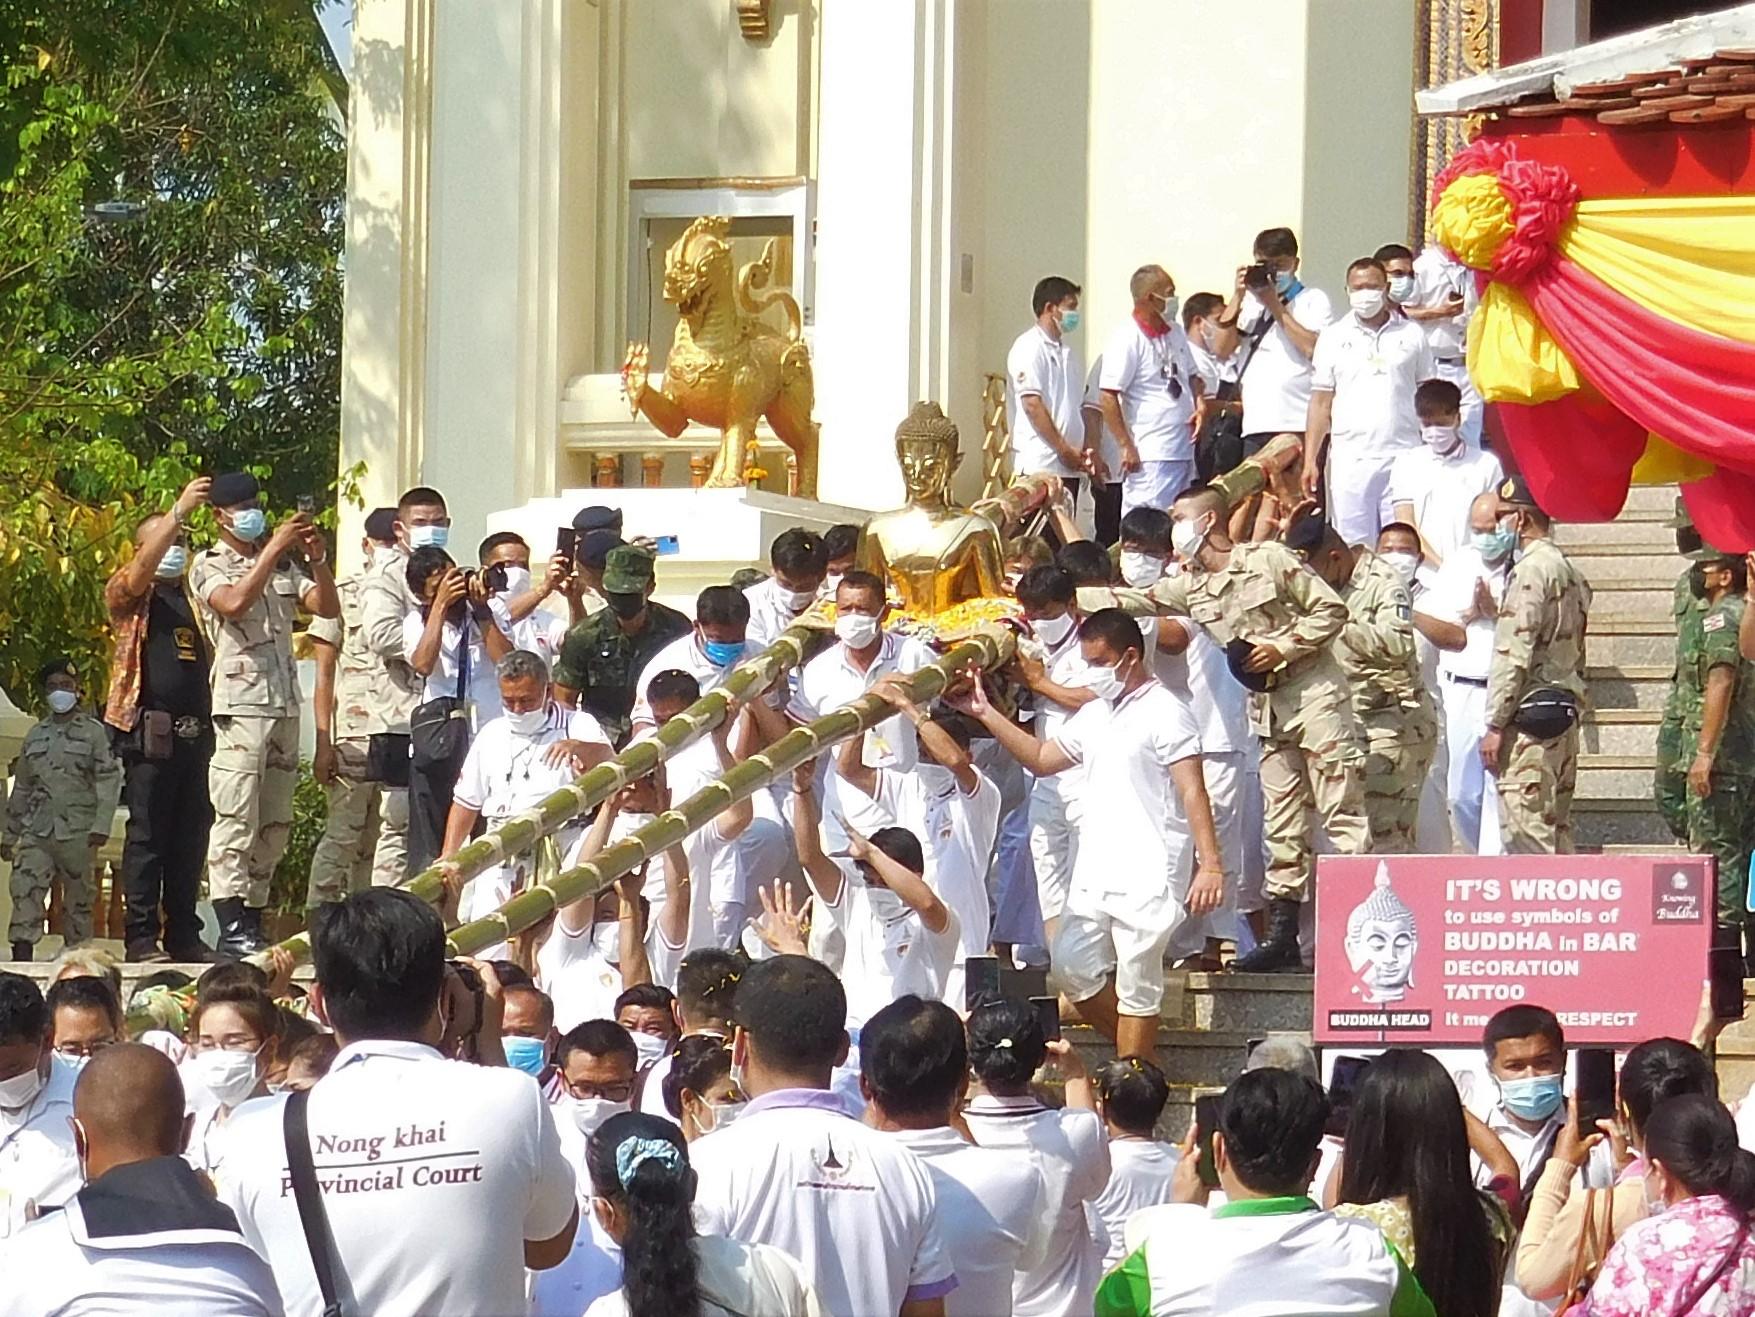 der Buddha wird aus dem Tempel getragen